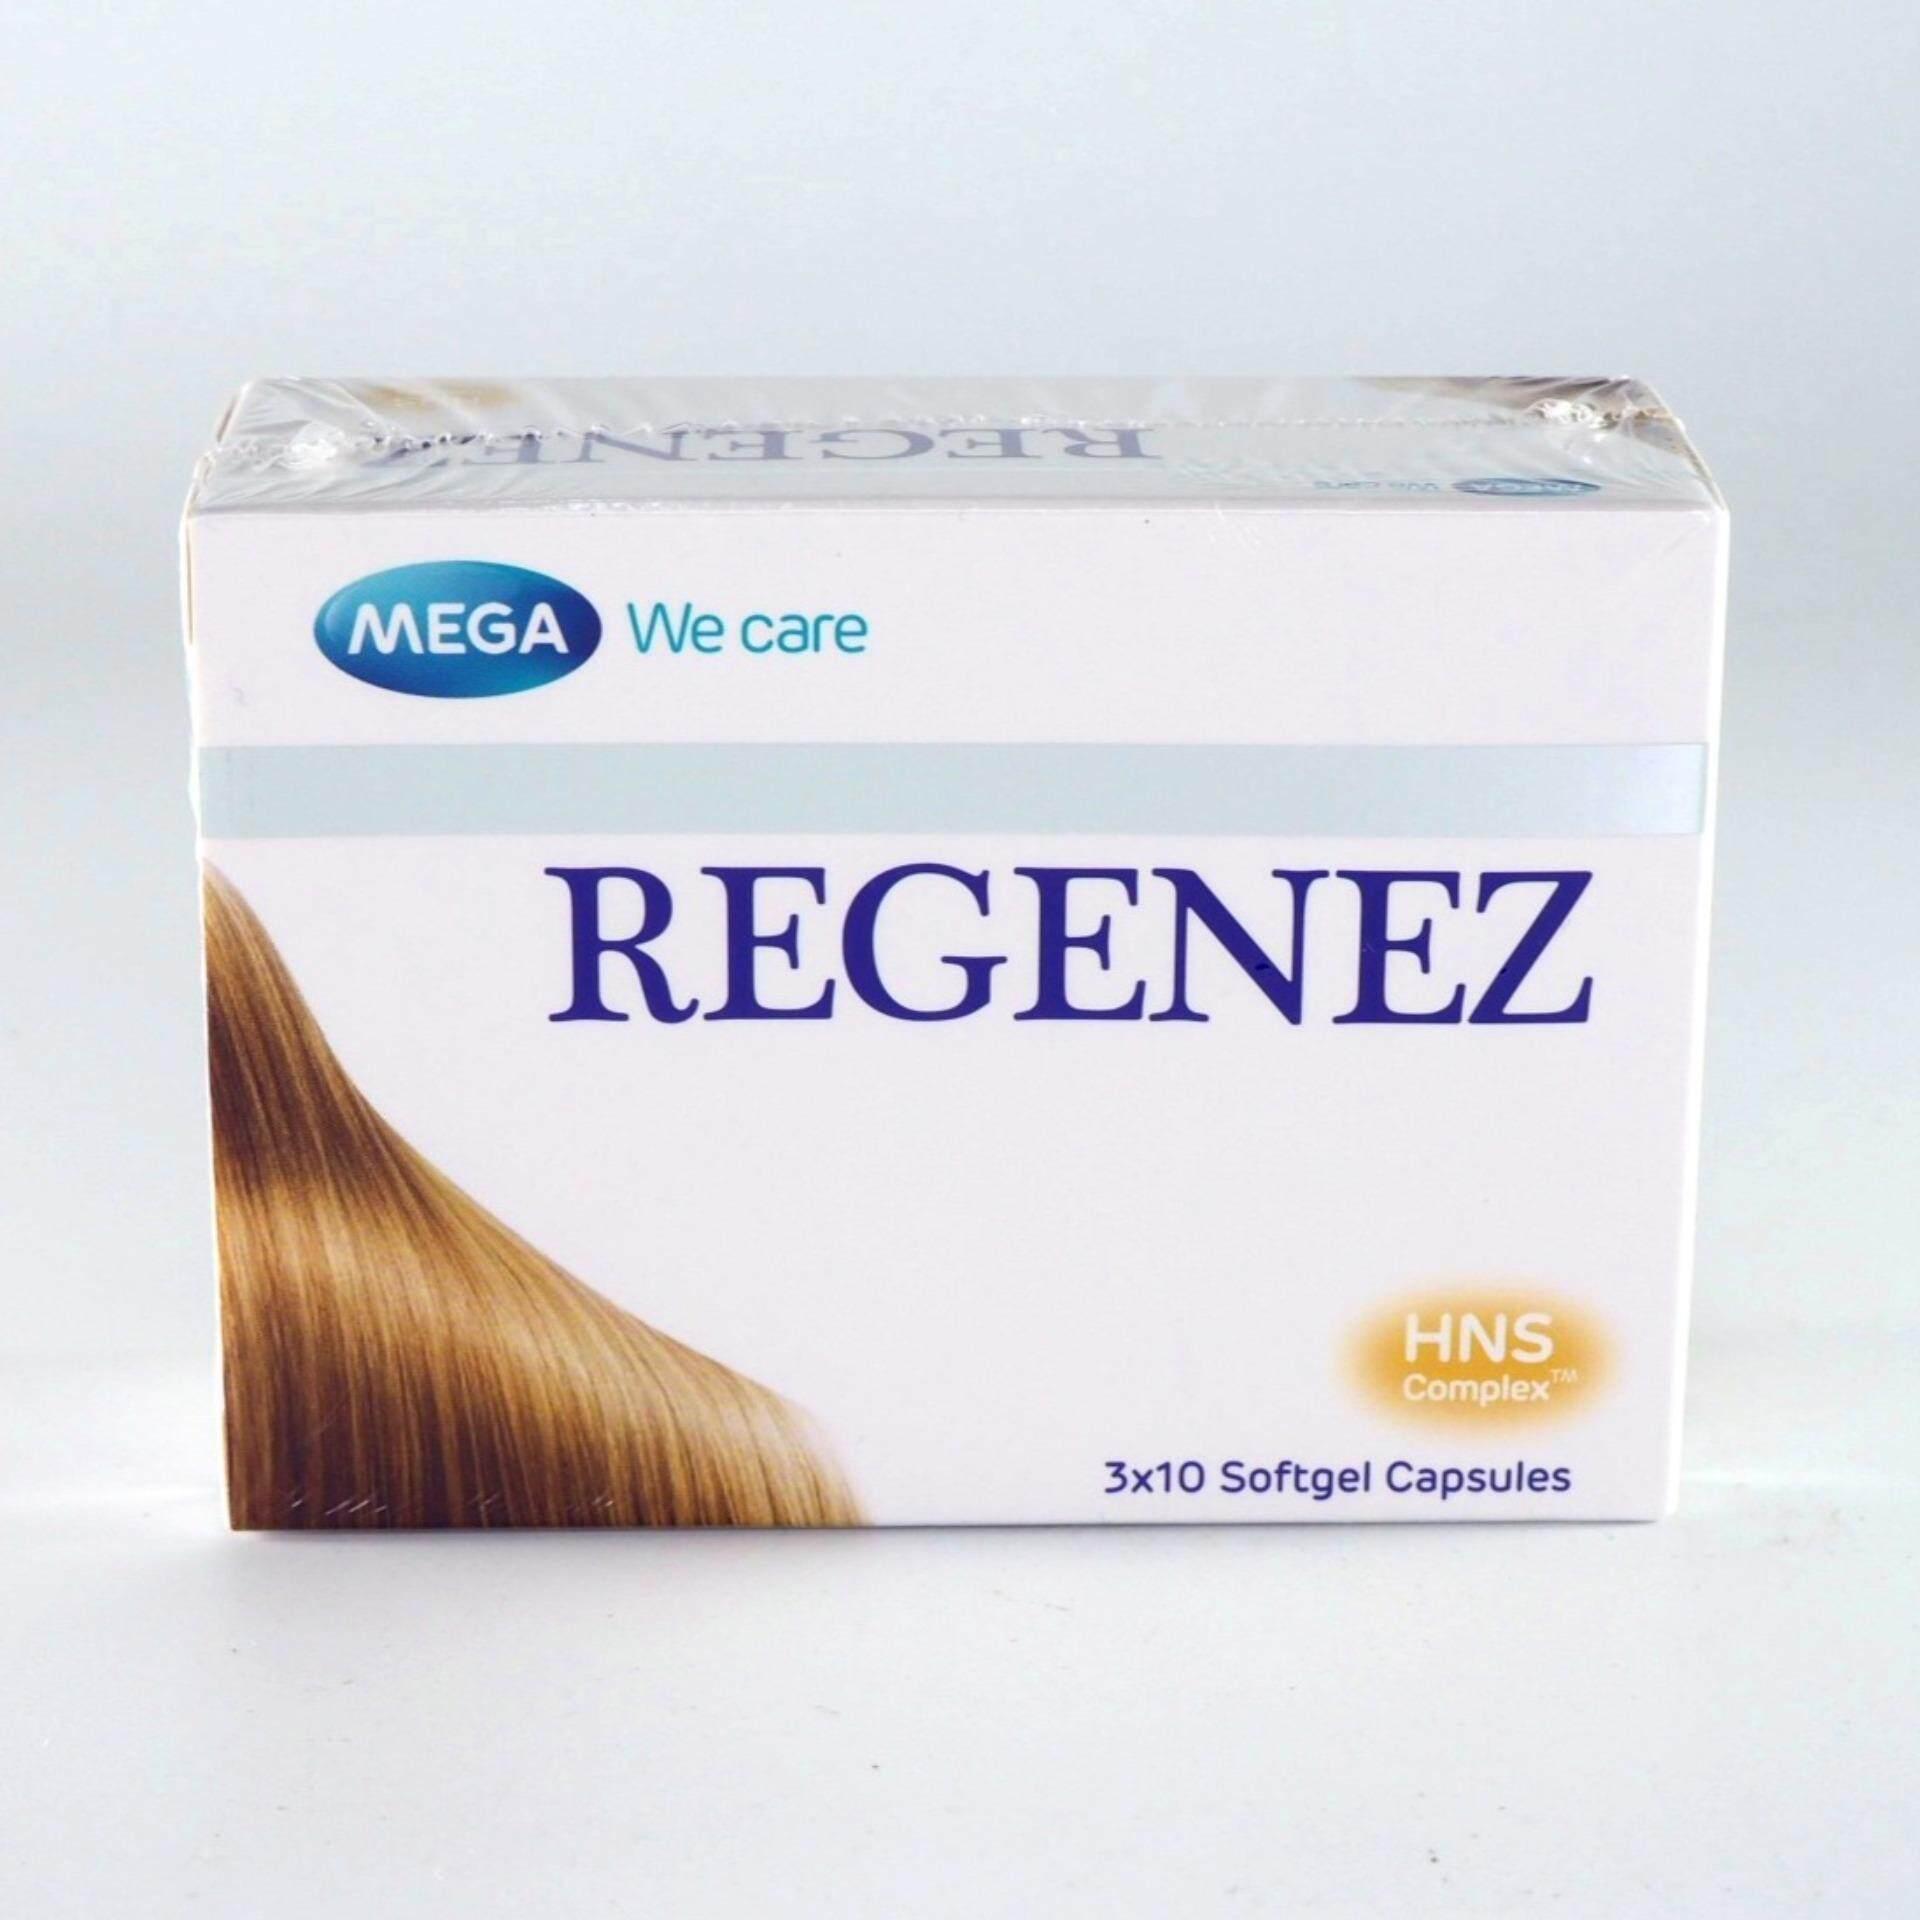 Mega We Care Regenez (30แคบซูล) ผลิตภัณฑ์เมก้า วีแคร์ รีจีเนซ (30แคบซูล) วิตามินสำหรับปัญหาผมร่วง ผมบาง ผมแห้ง แข็ง ชี้ฟู By Health Warehouse.